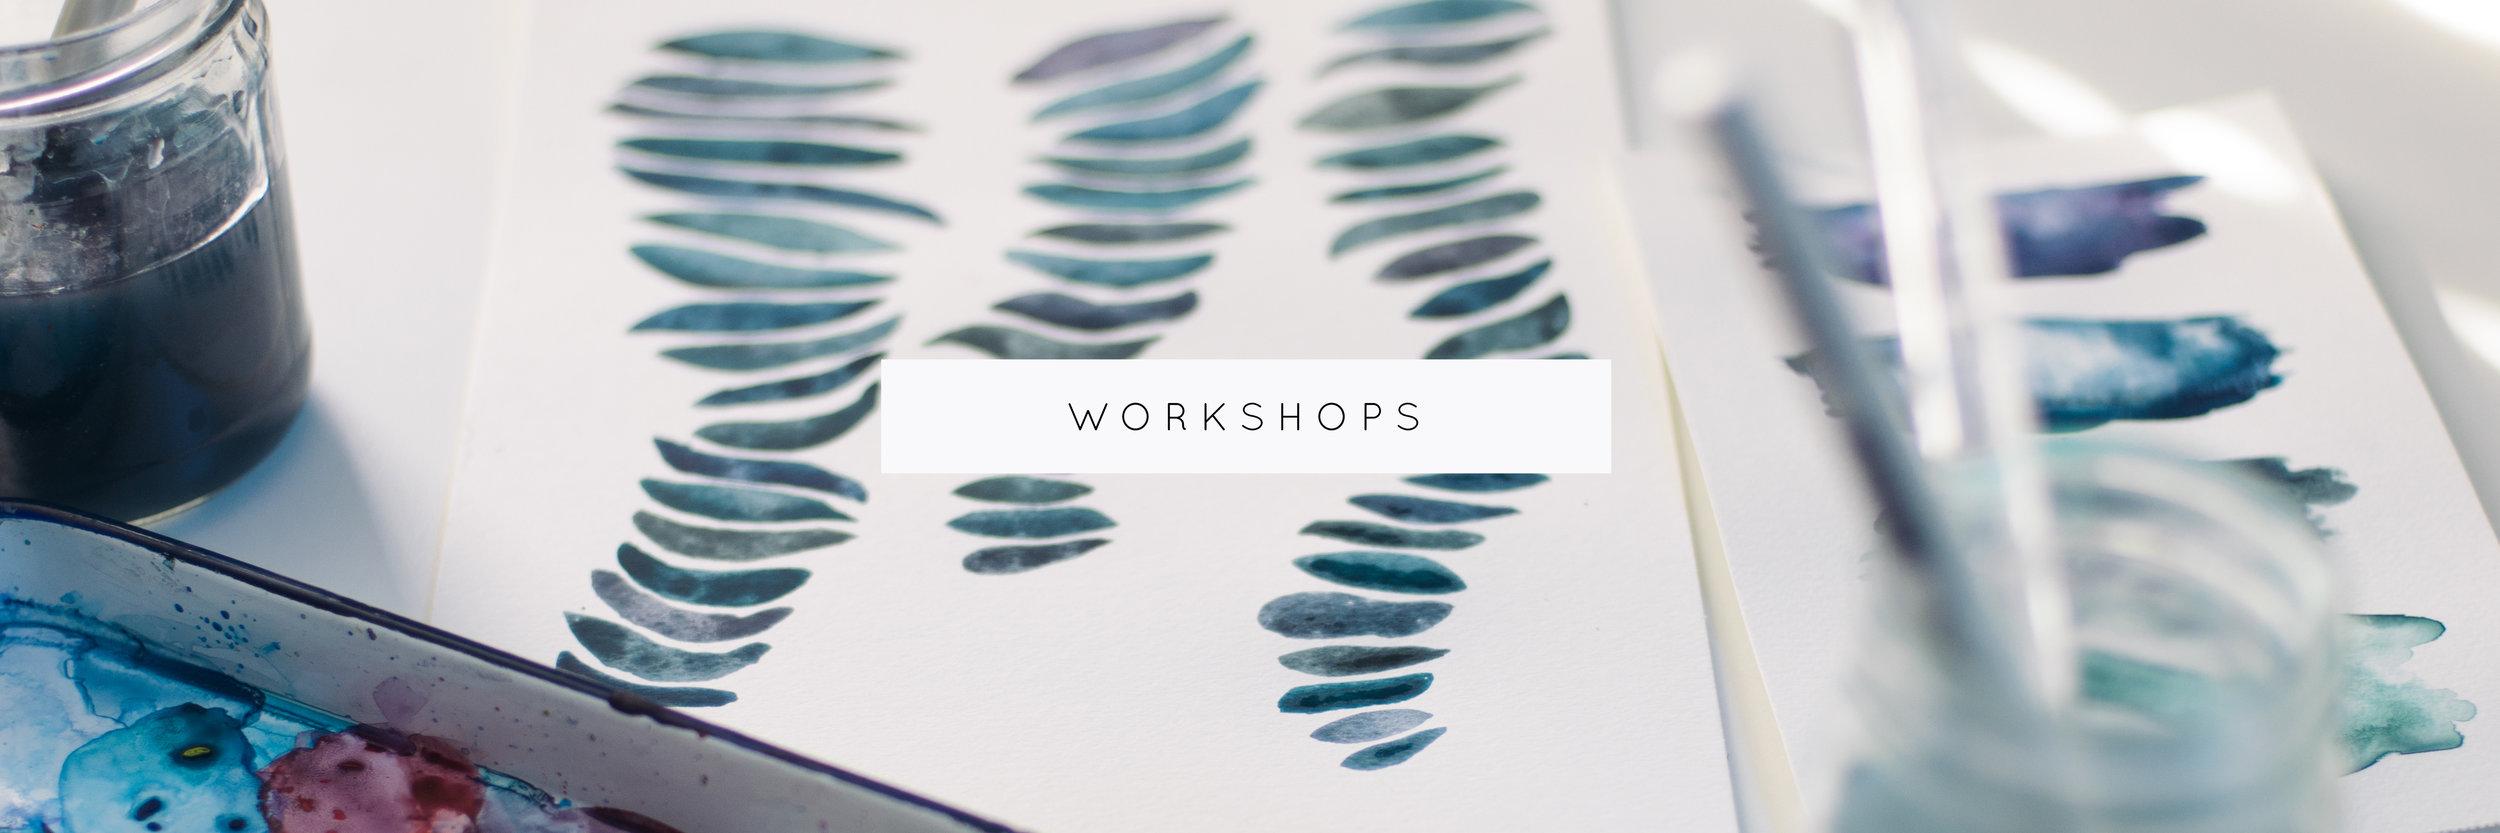 WebsitePageHeaders_workshop.jpg